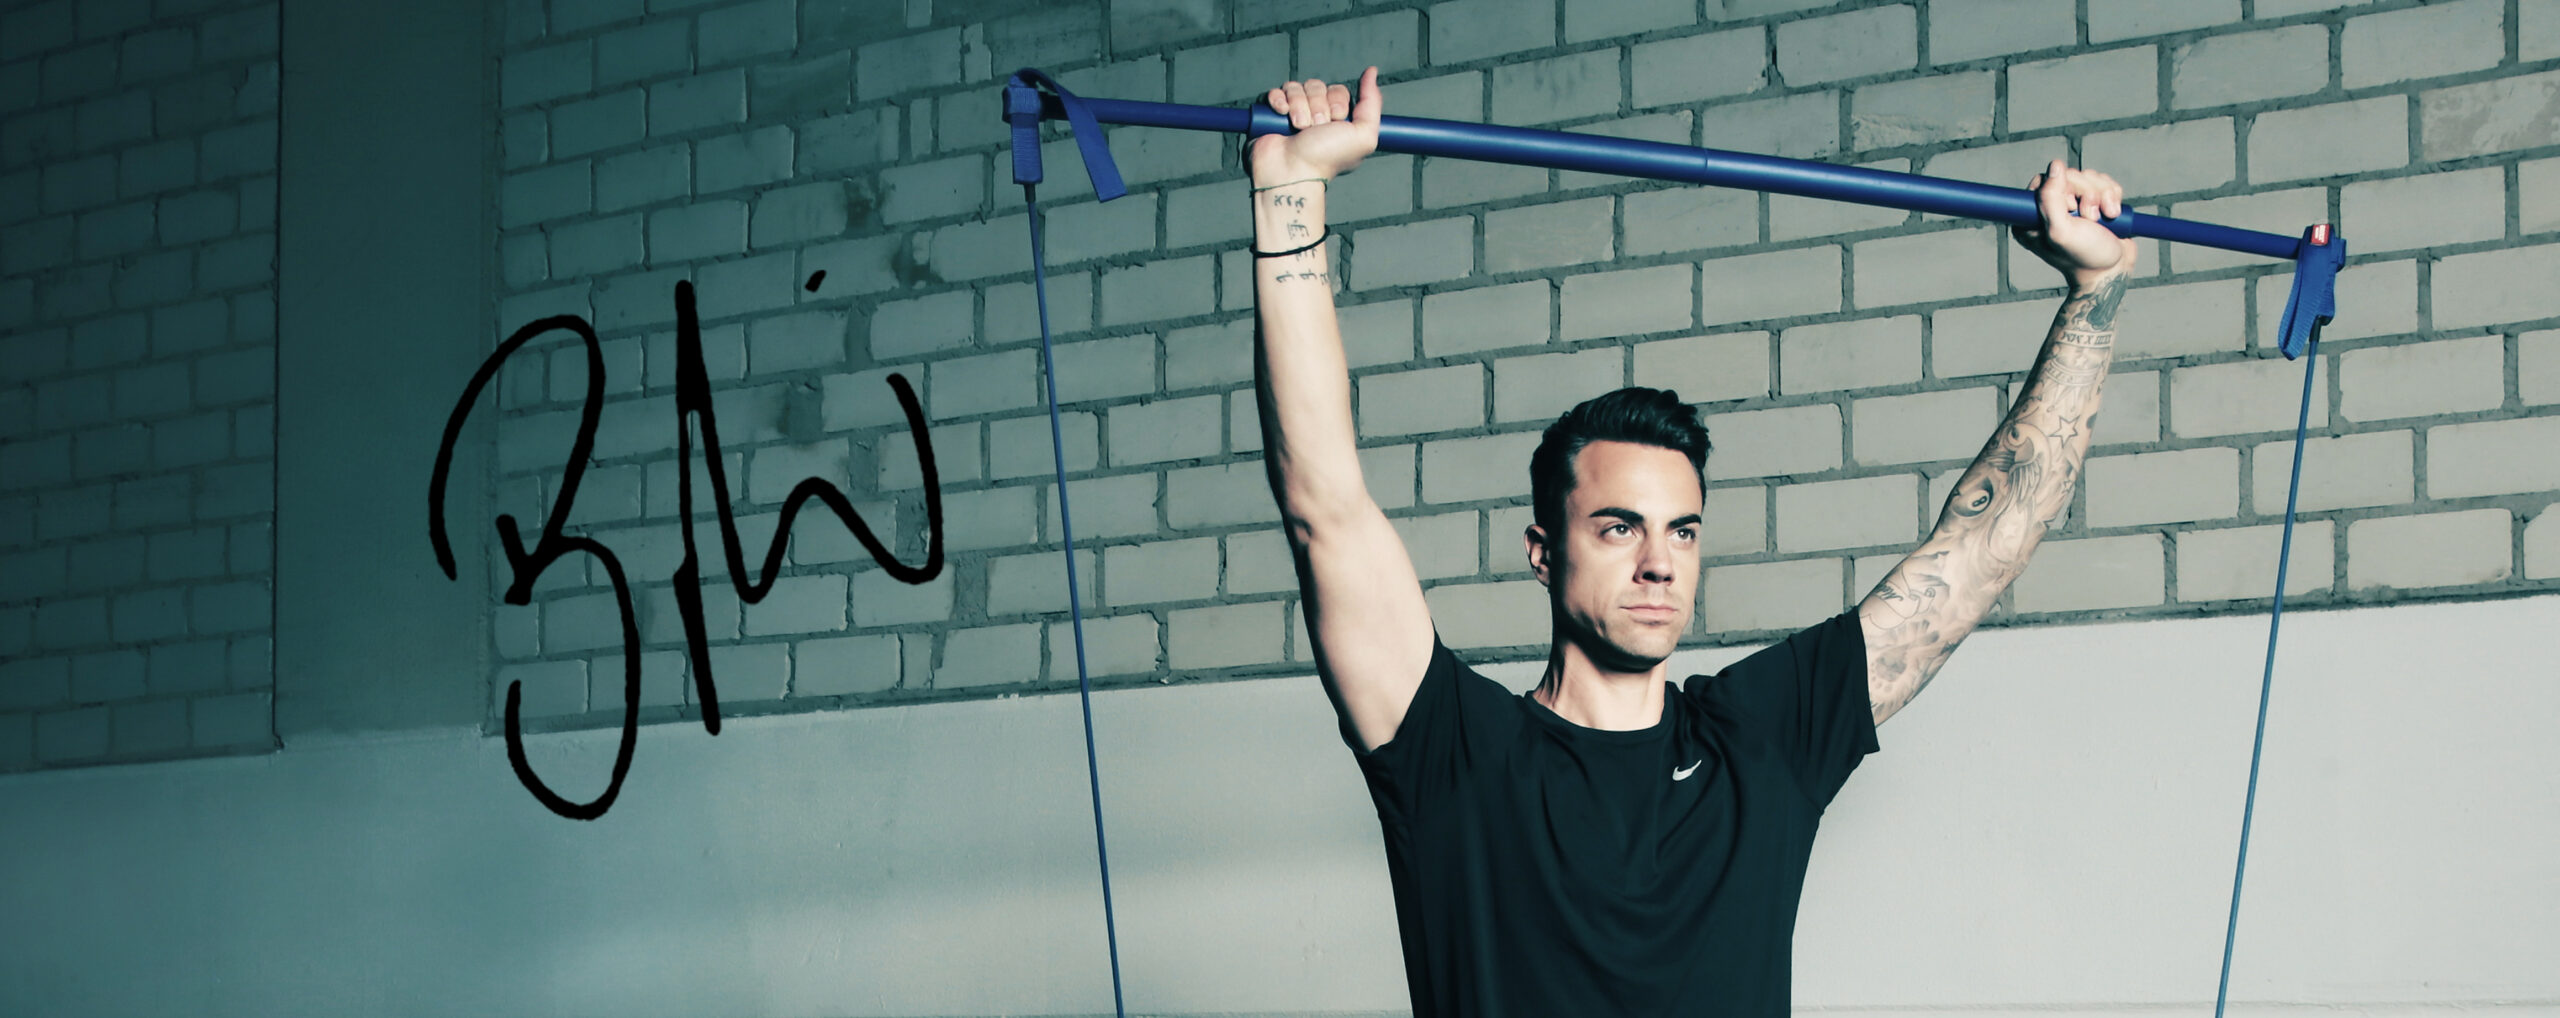 Diego Benaglio Sports AG - Gymstick